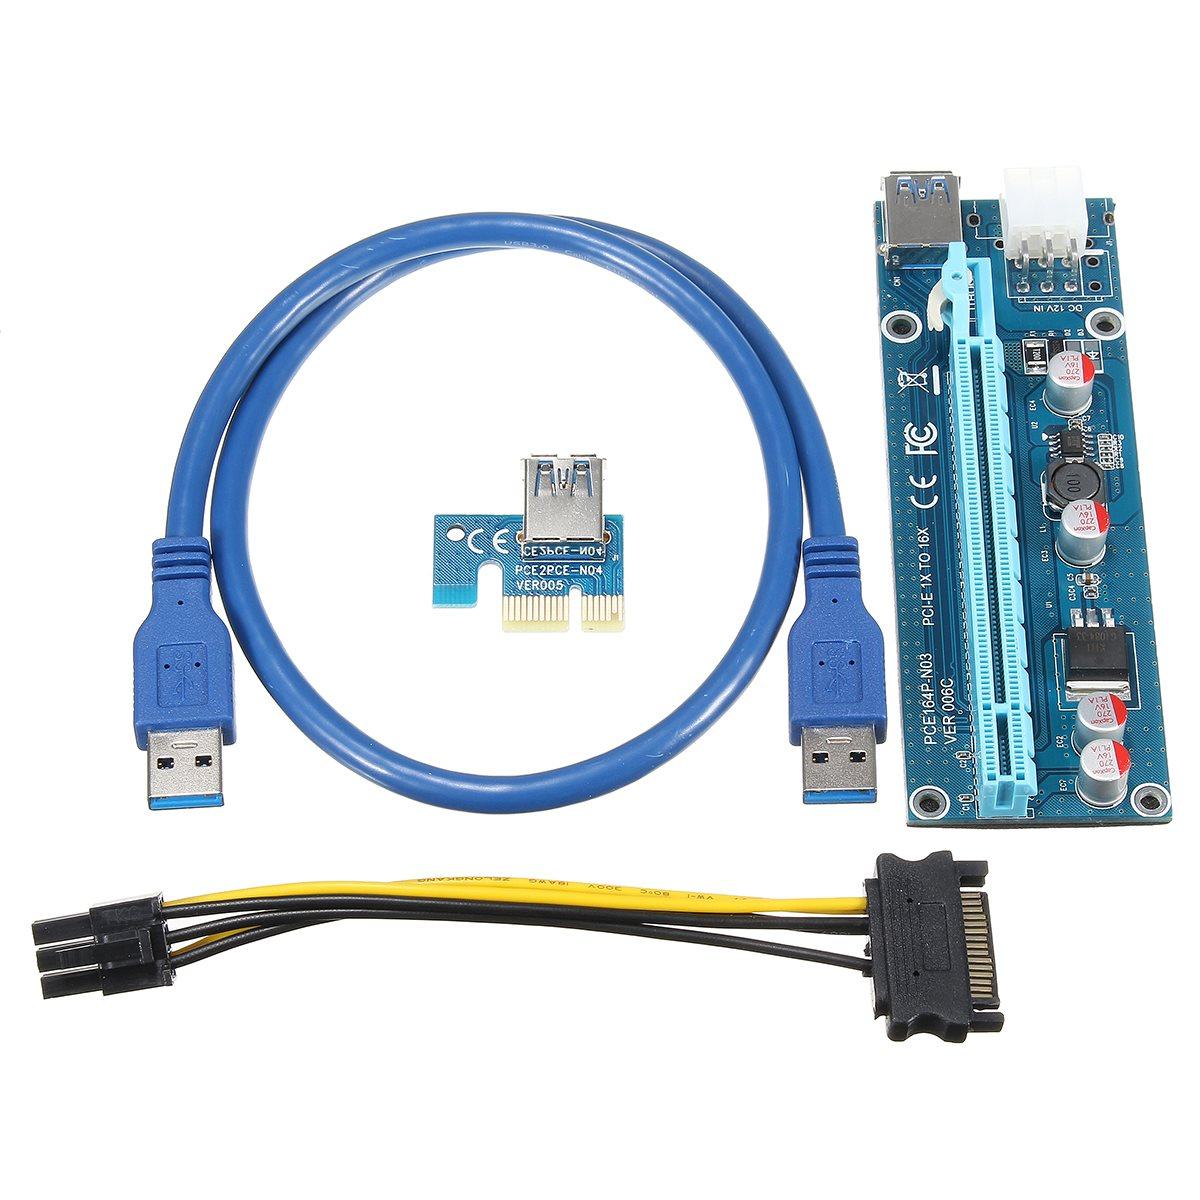 Großhandel 6 stücke USB 3.0 PCI-E Riser Express 1X 4x 8x 16x ...